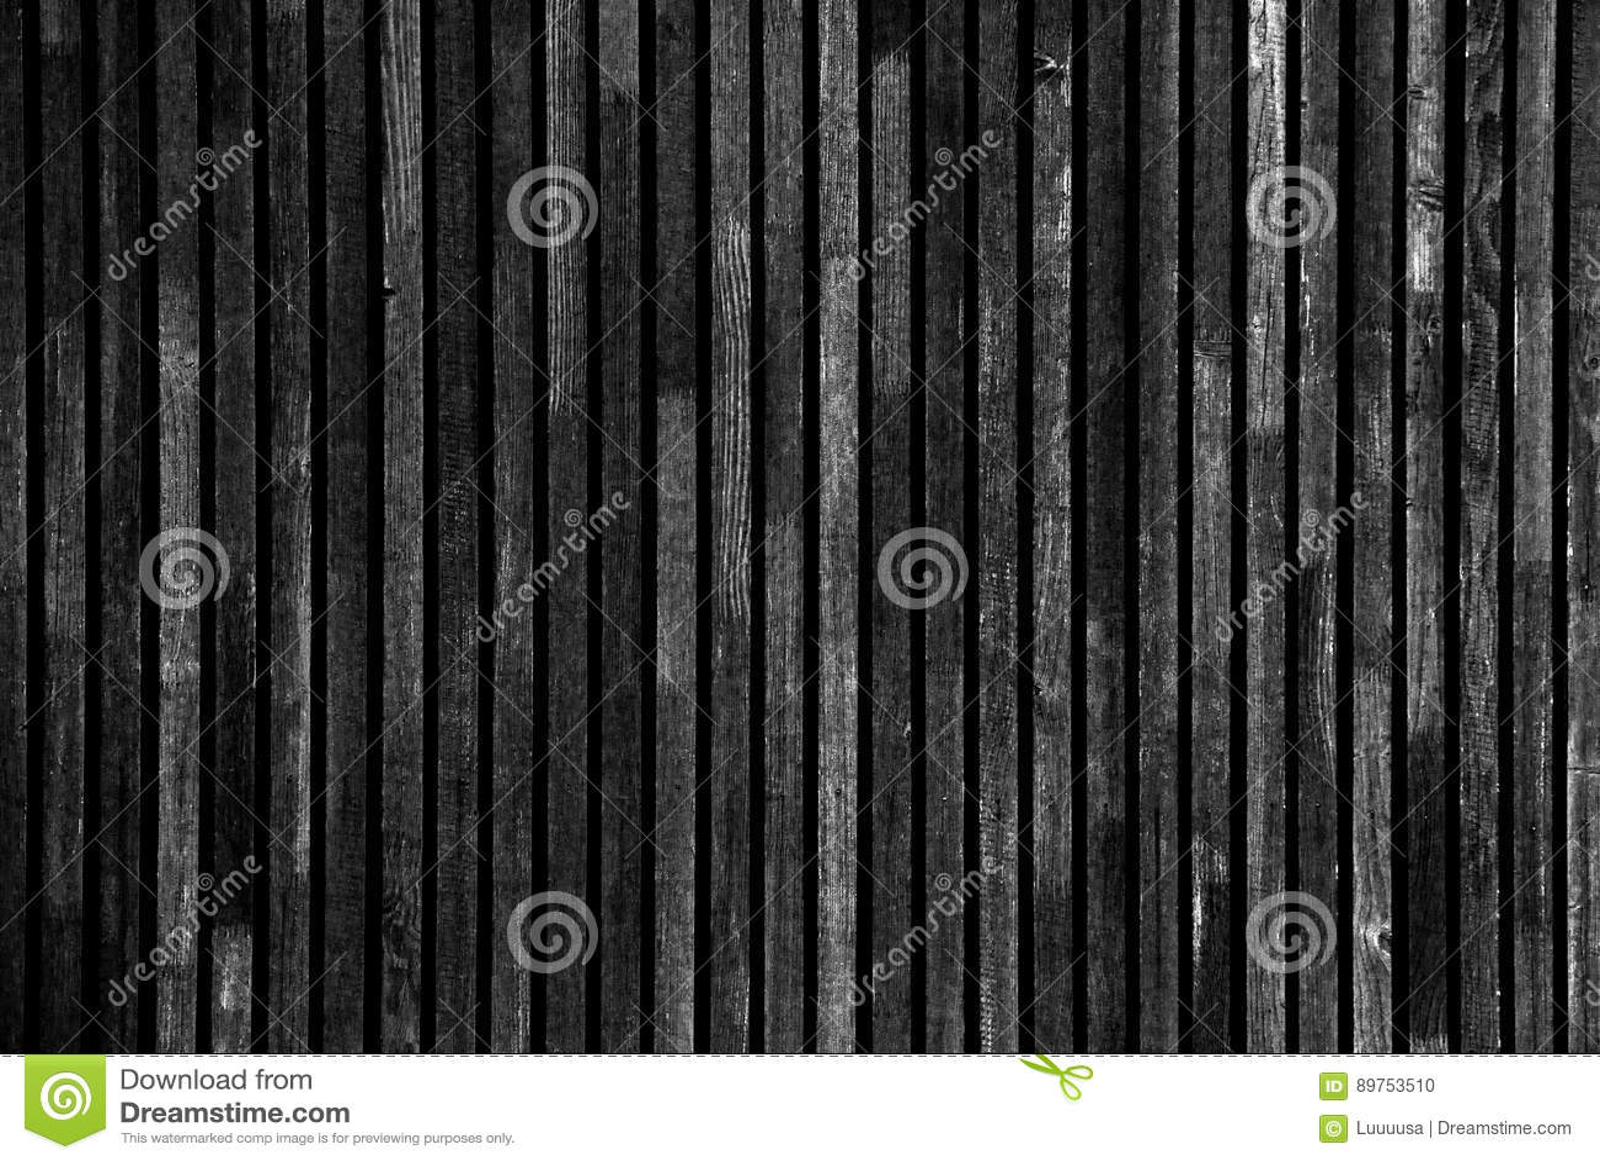 Dunkelgraue Wand dunkelgraue alte blockhaus wand beschaffenheit dunkle rustikale haus klotz wand horizontaler